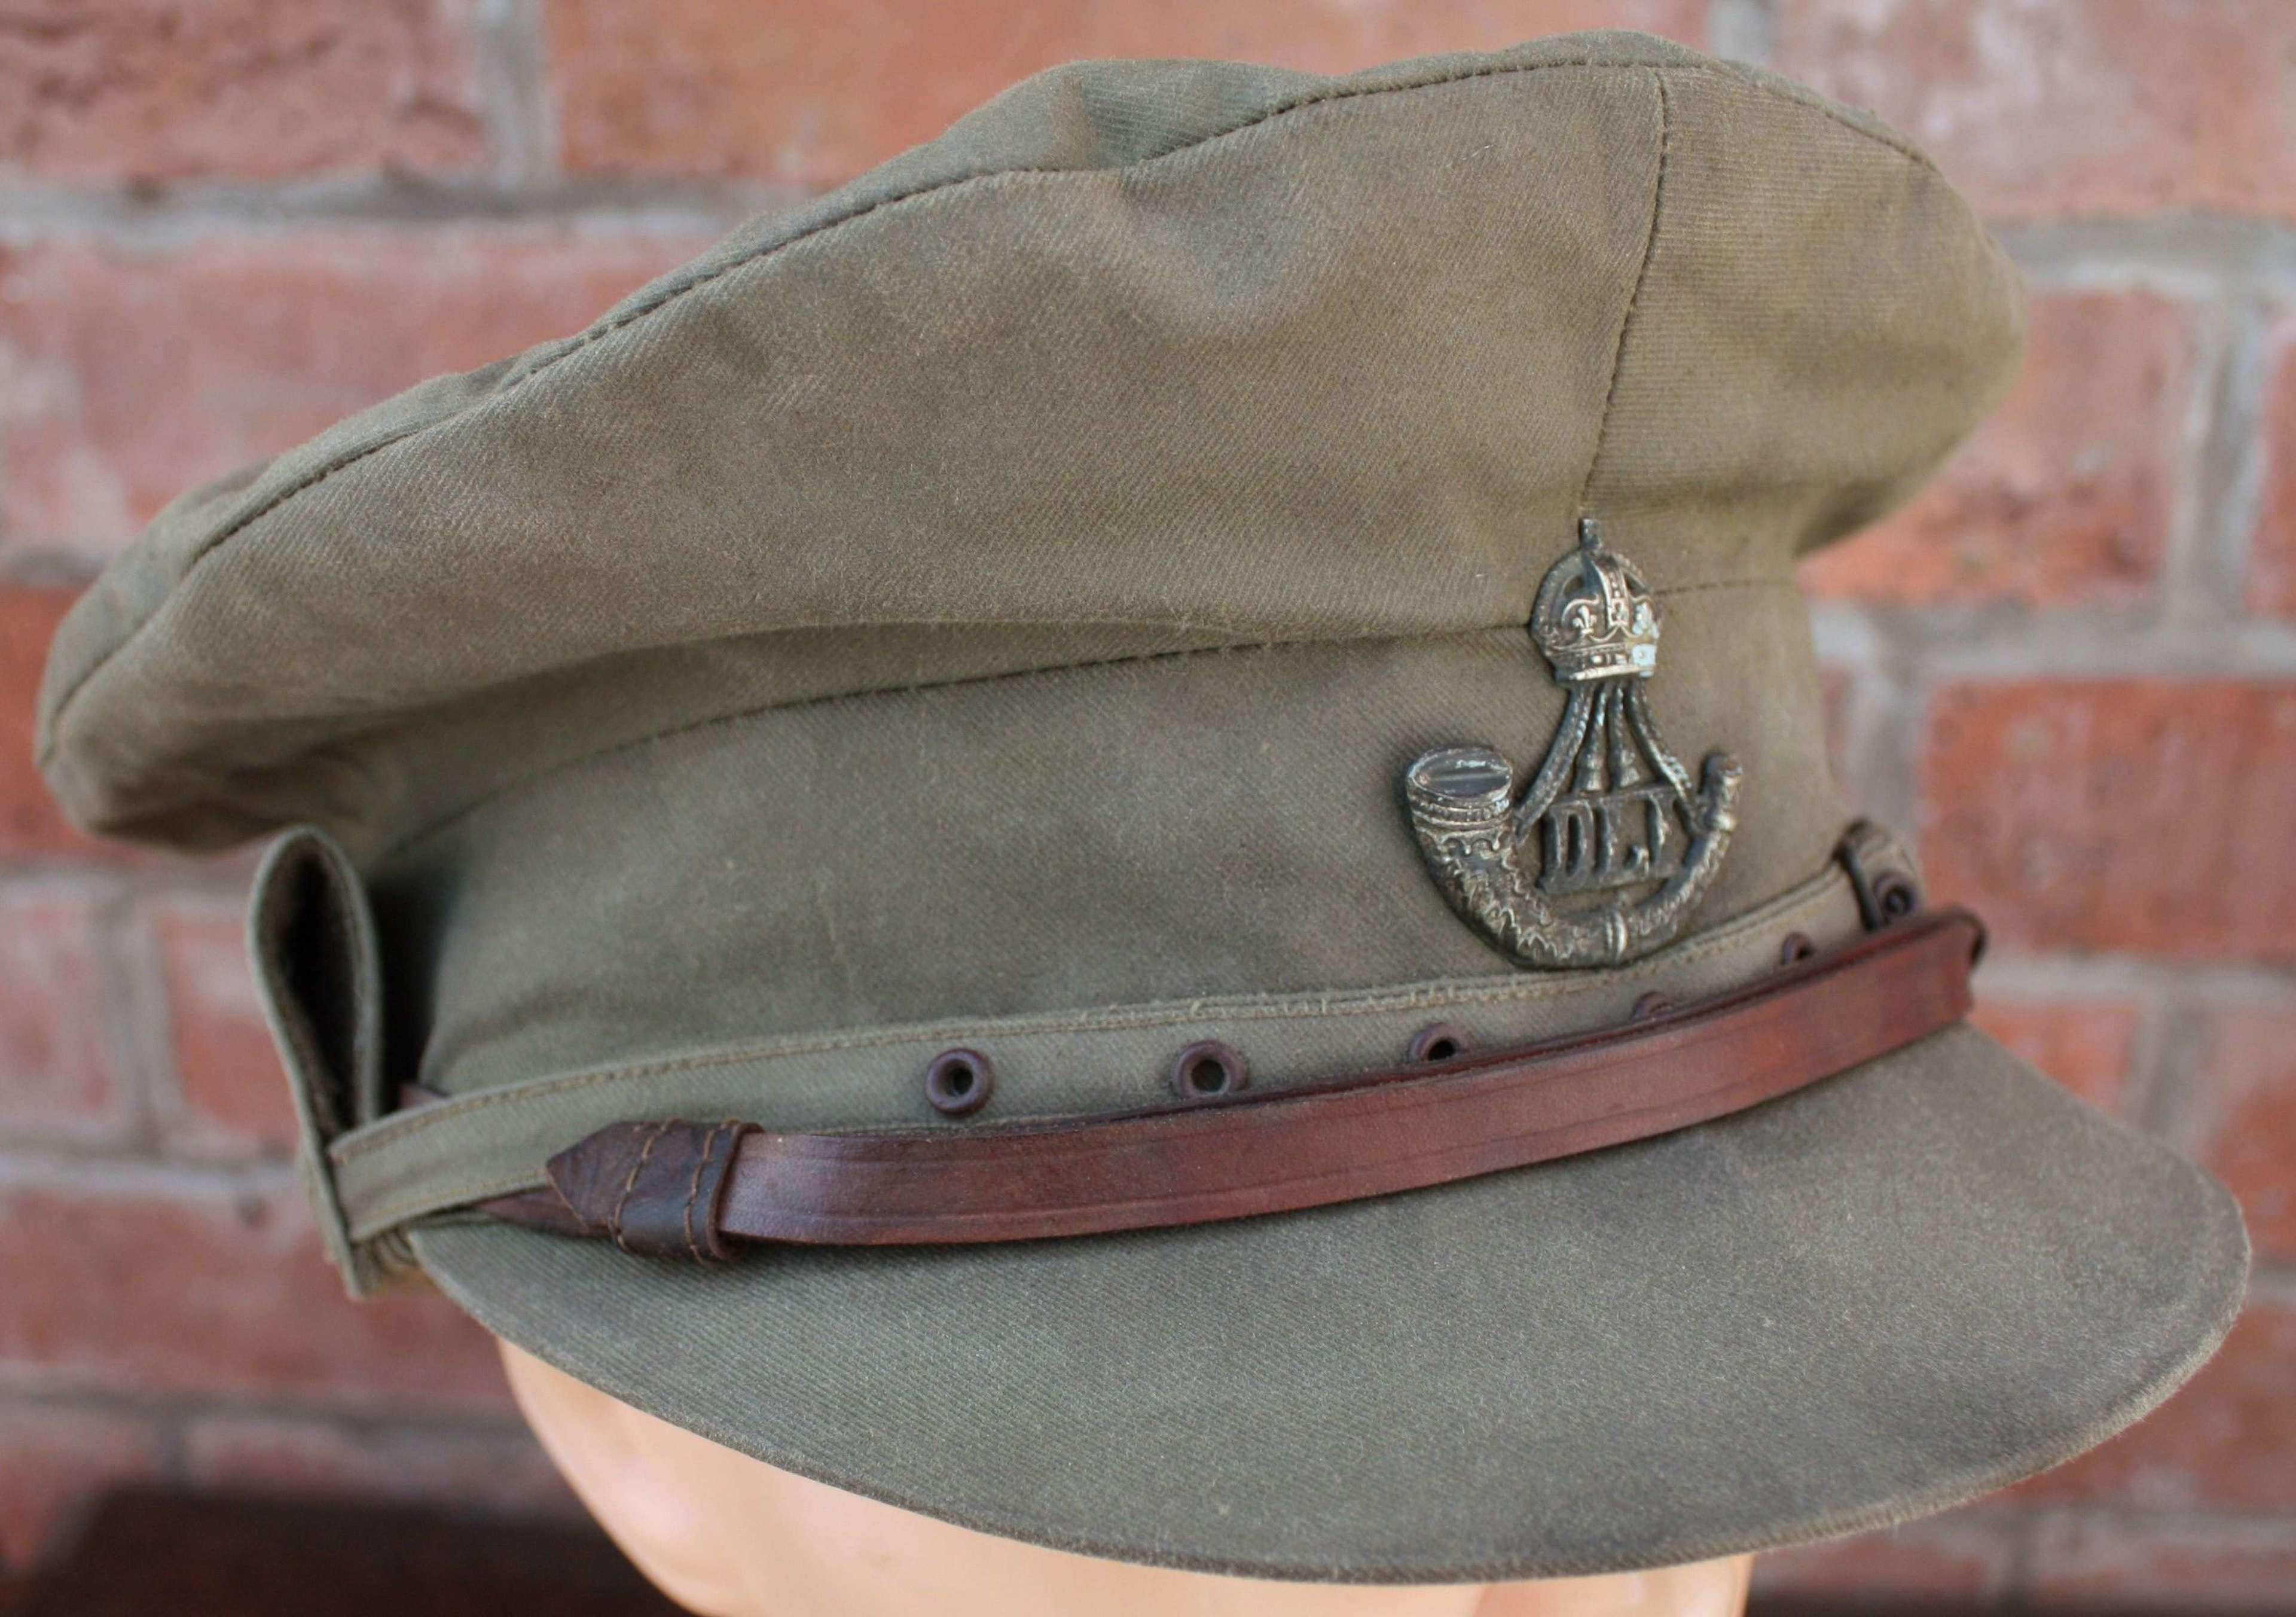 WW1 DLI BRITISH OFFICER'S 'GOR BLIMEY' CAP: DURHAM LIGHT INFANTRY